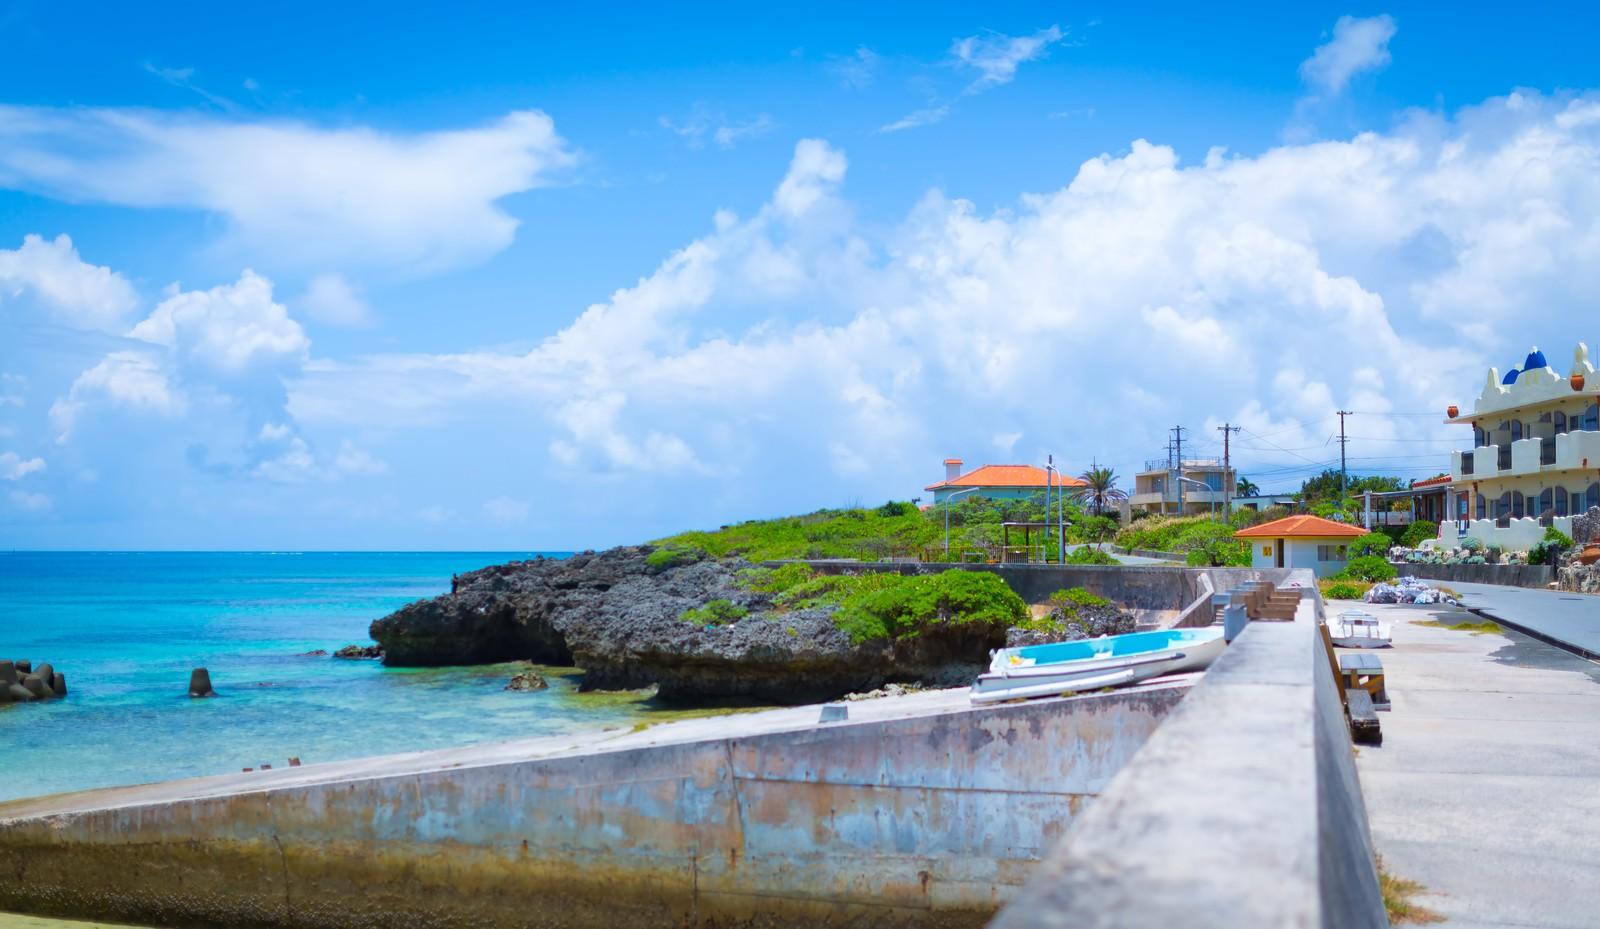 「池間島の街並みと海池間島の街並みと海」のフリー写真素材を拡大